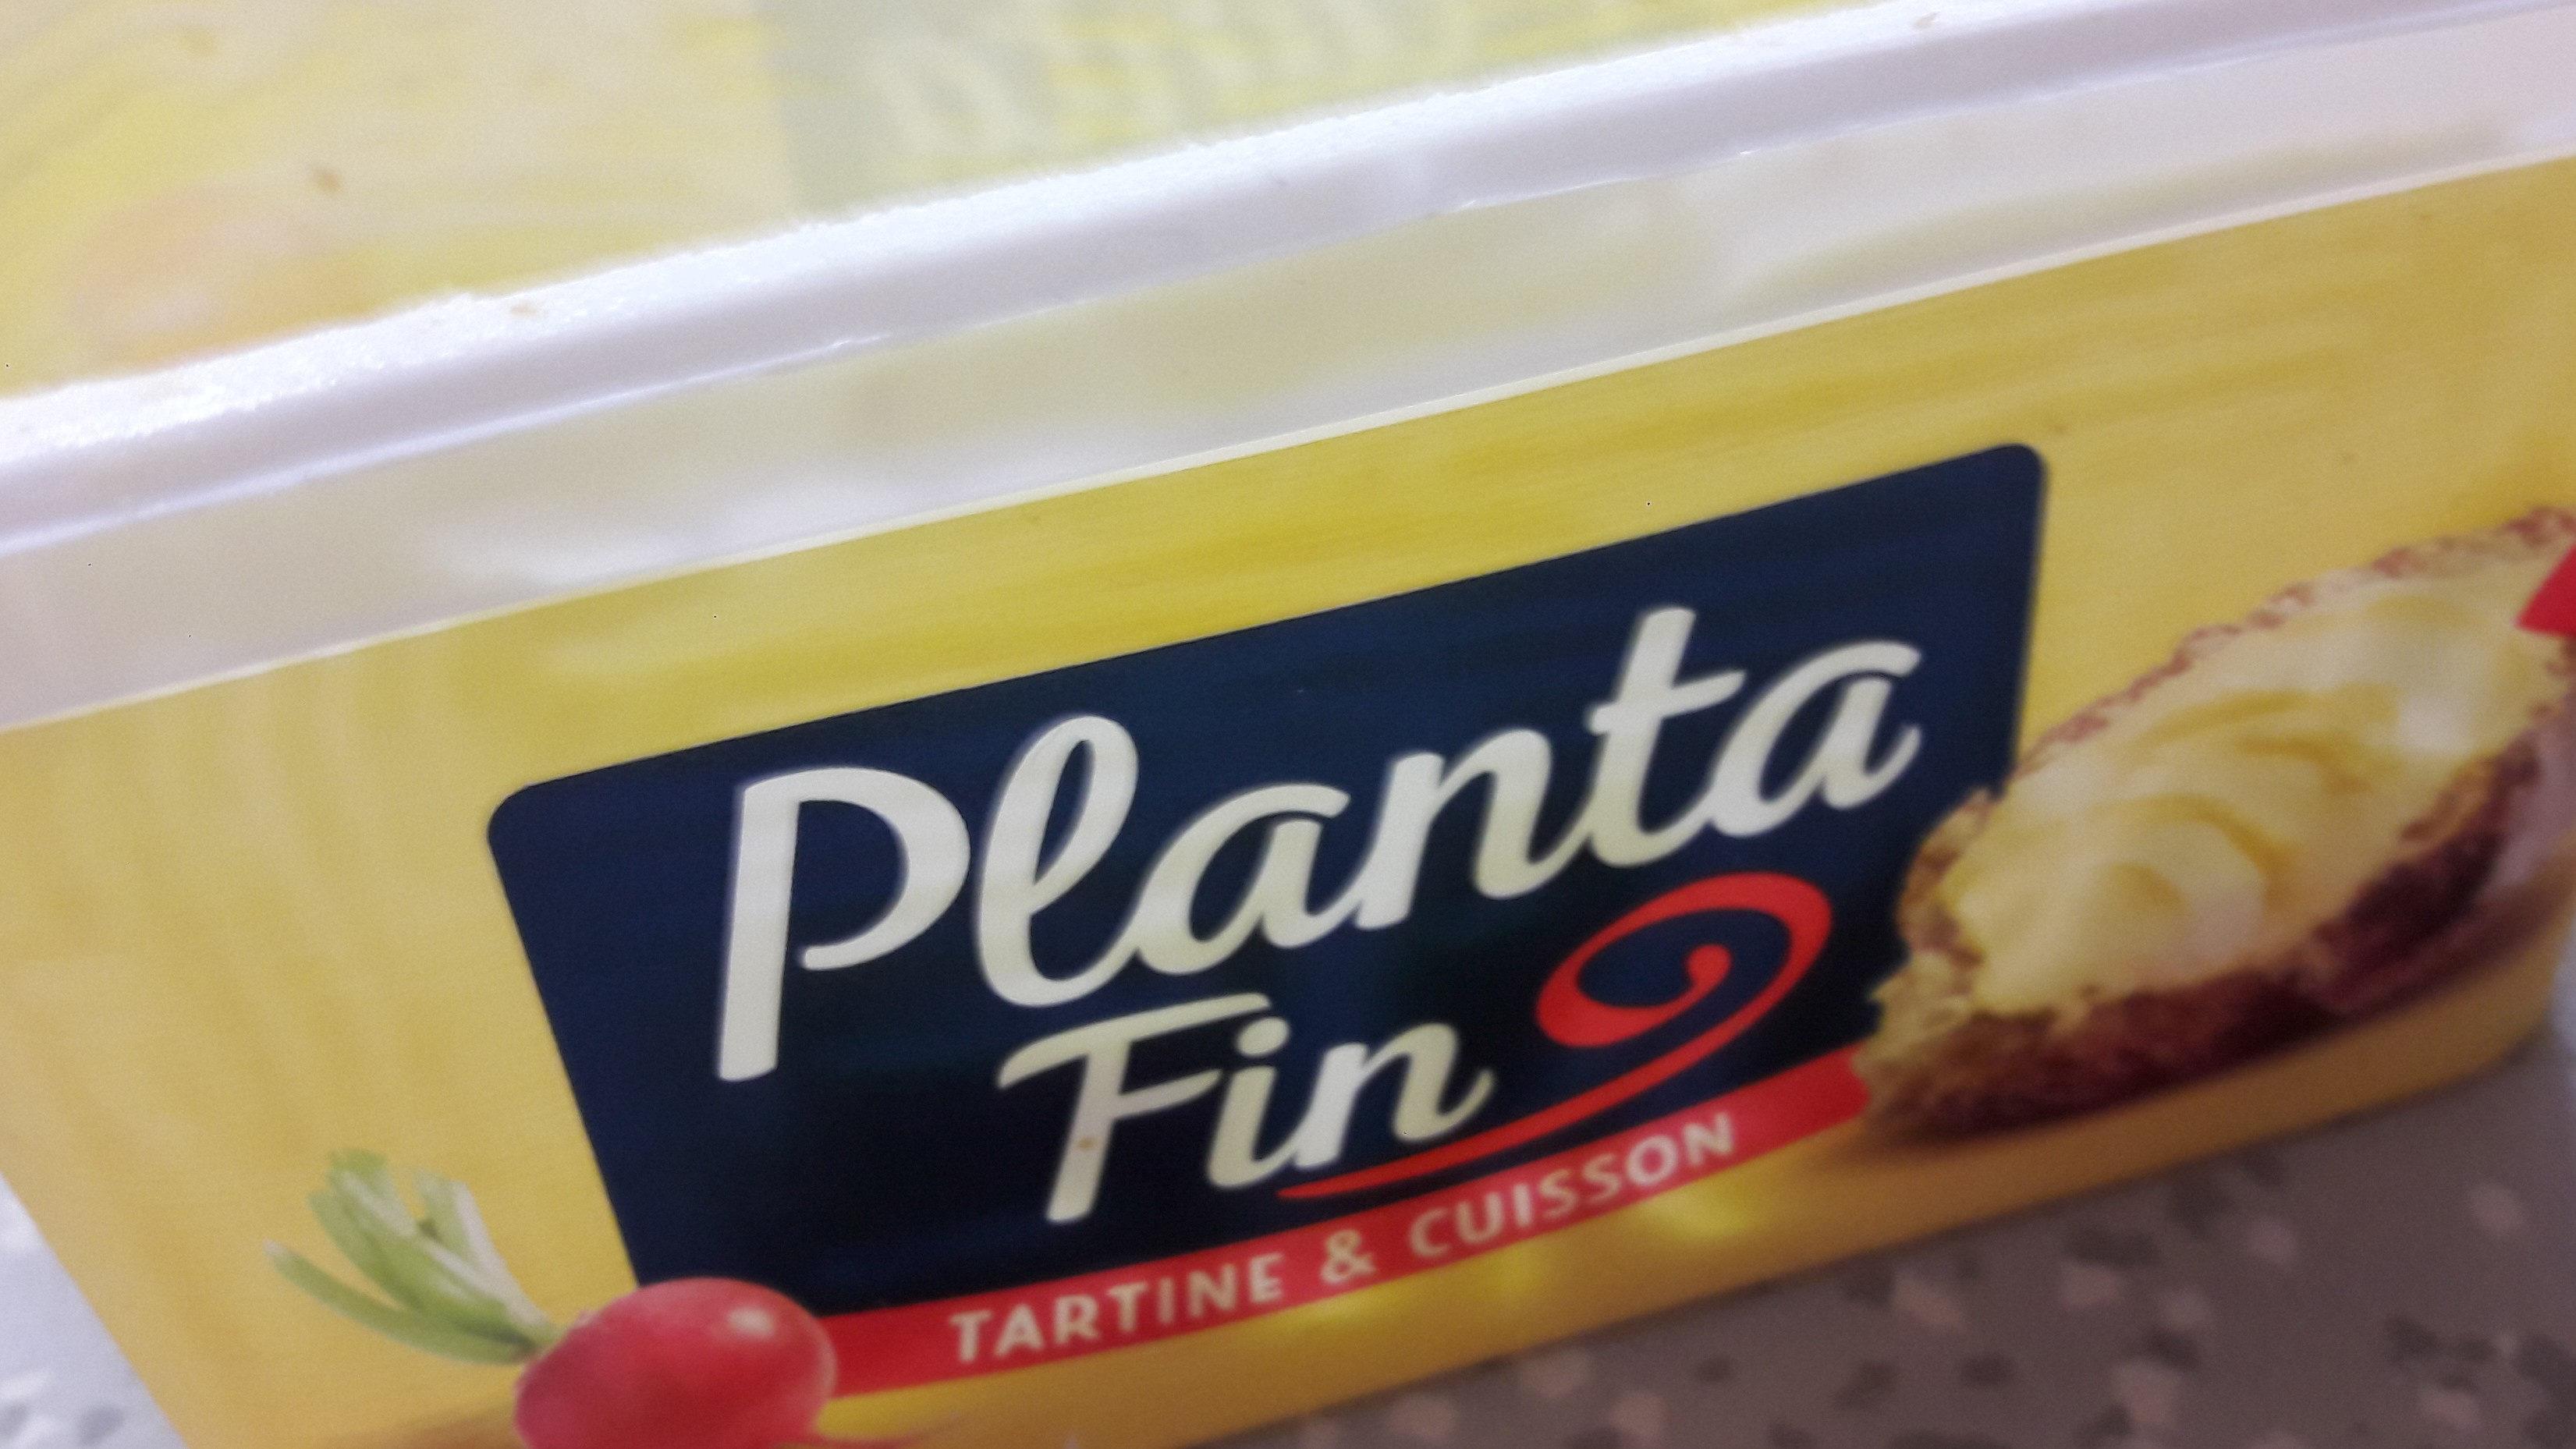 Planta Fin Doux (60 % MG) Tartine & Cuisson - Prodotto - fr